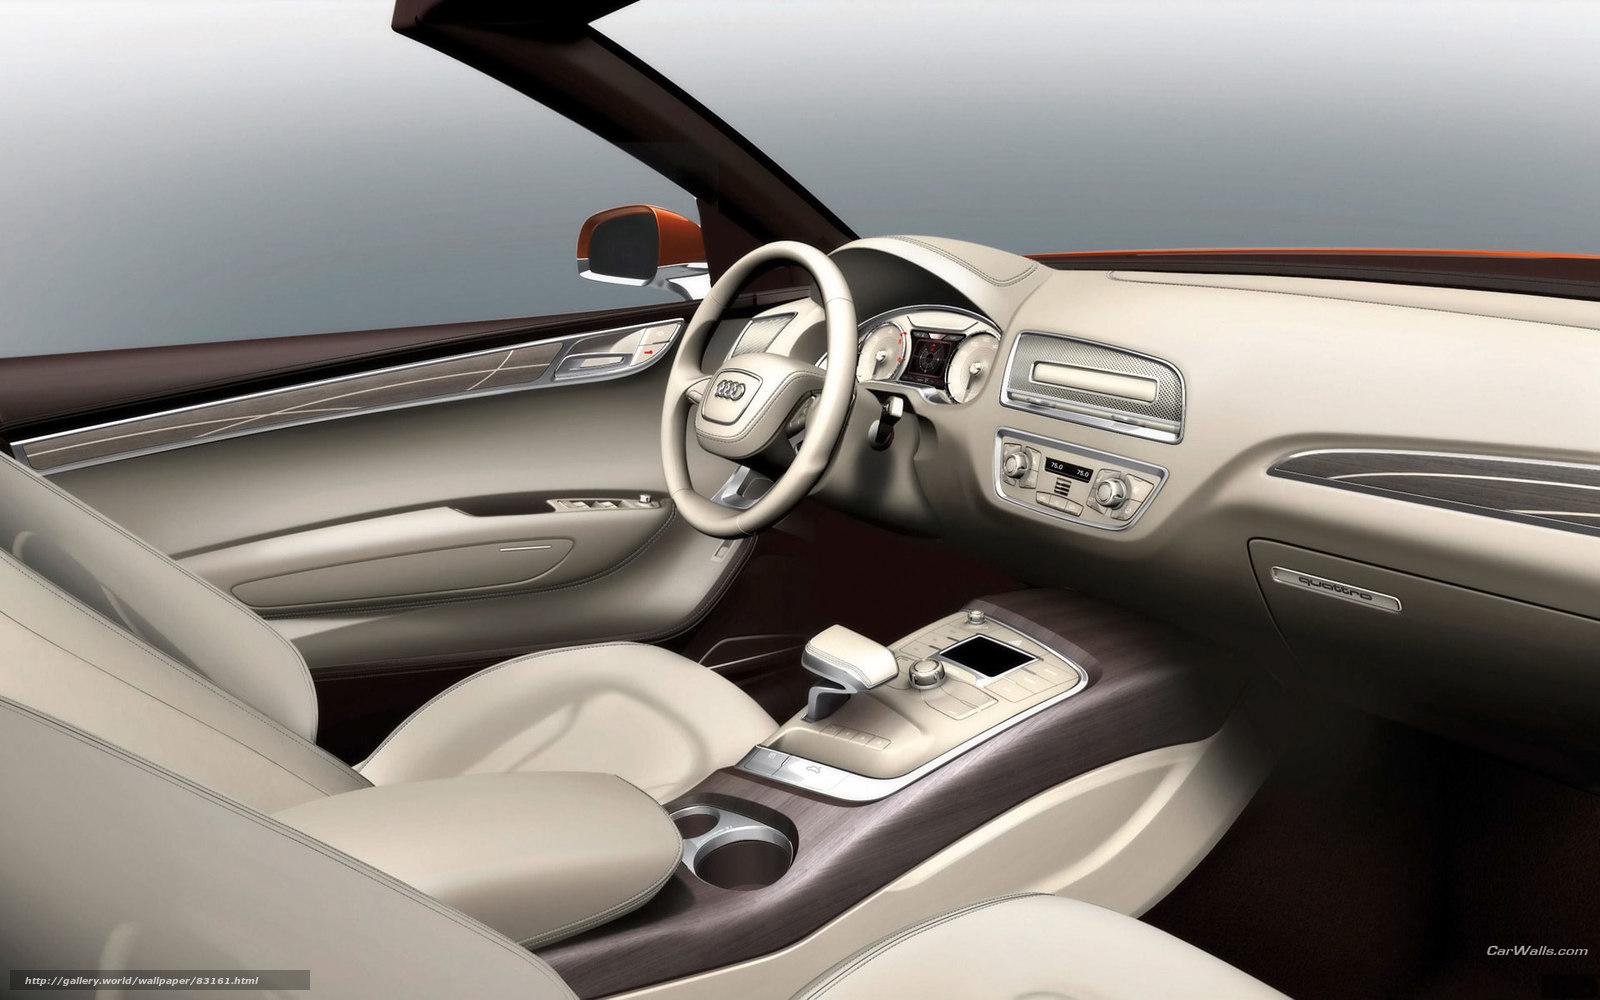 Descargar gratis Audi,  Otros,  Coche,  Maquinaria Fondos de escritorio en la resolucin 1920x1200 — imagen №83161